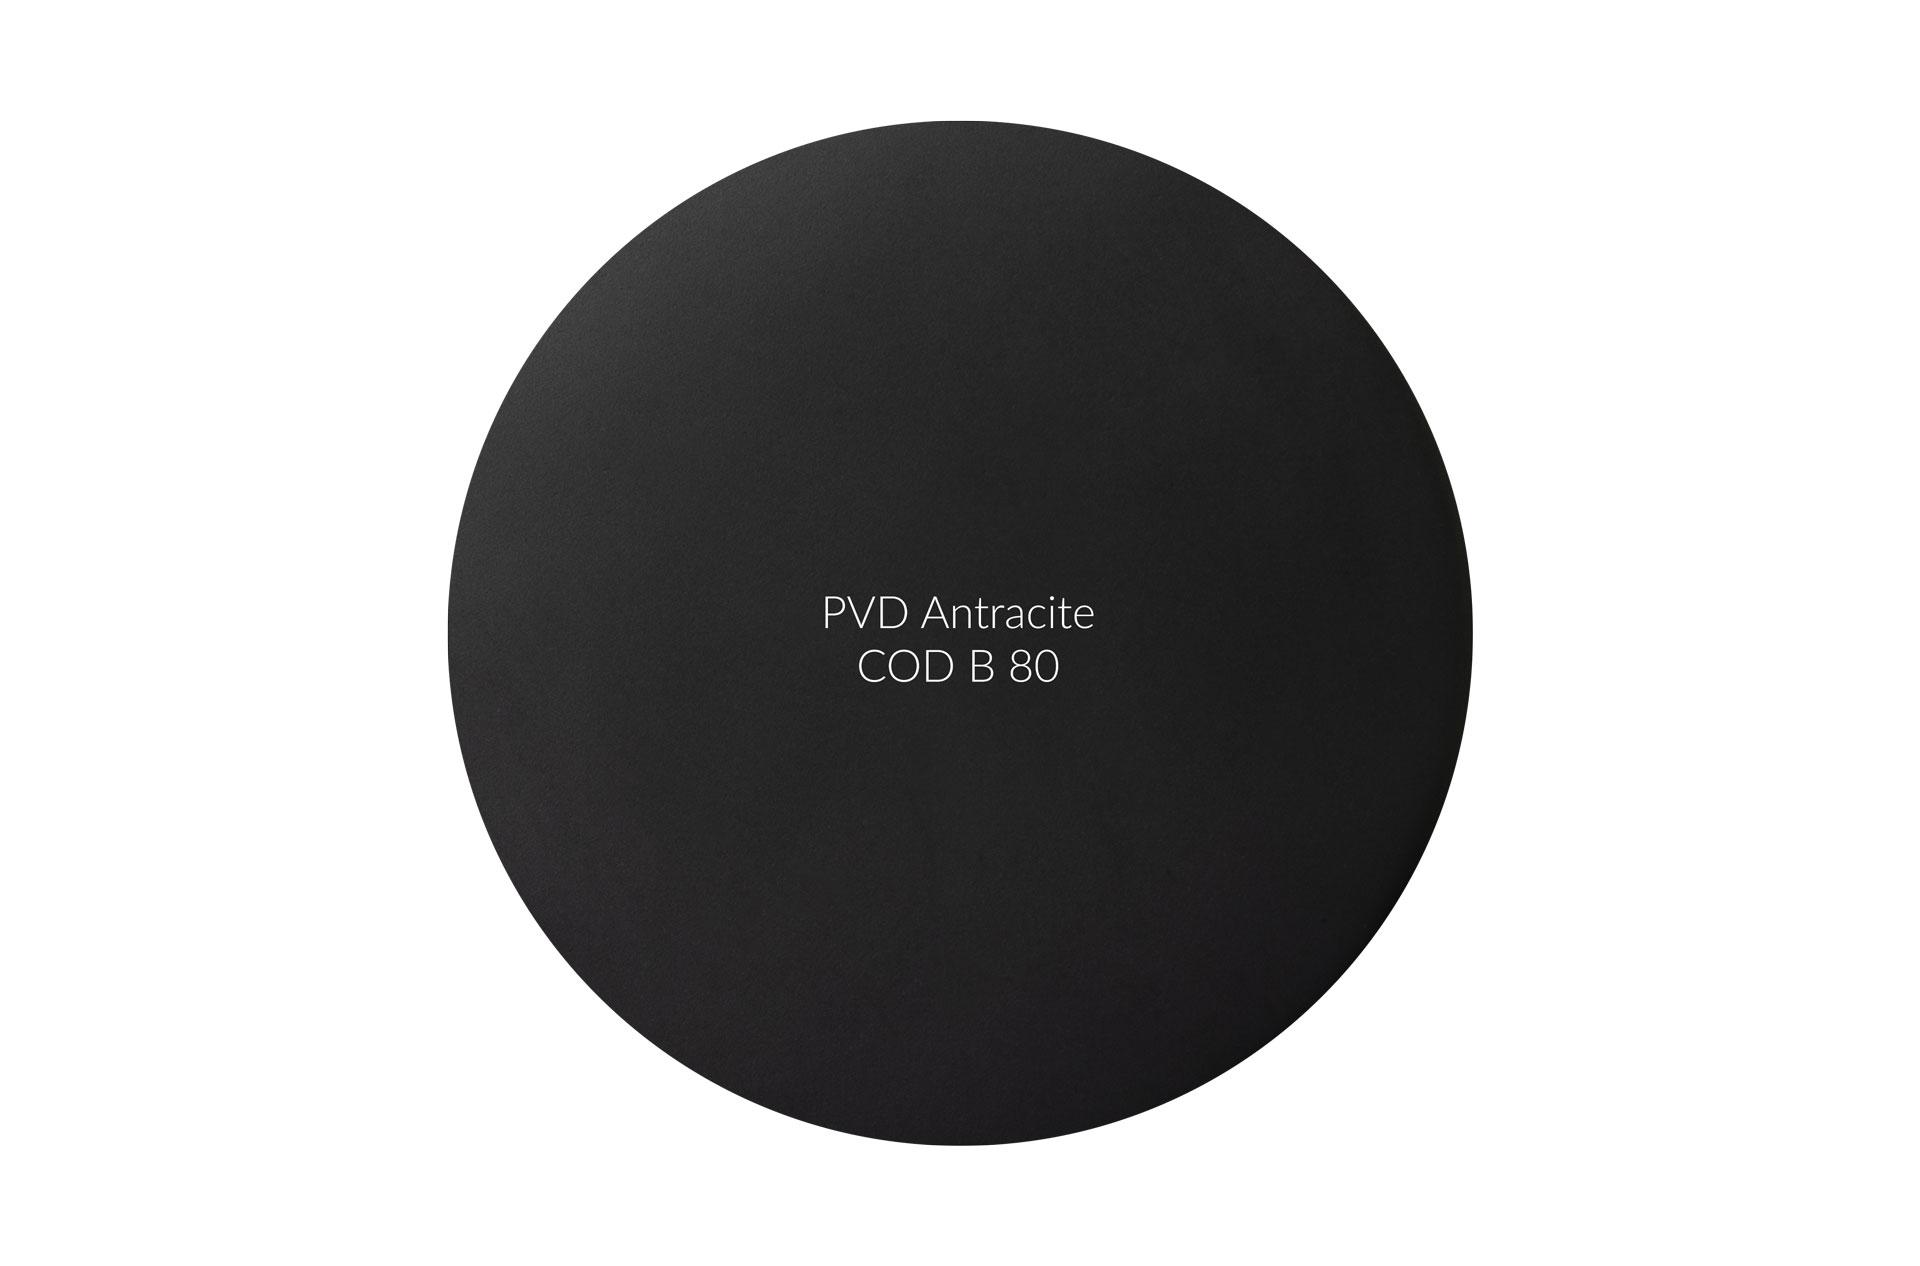 Dischetto PVD antracite cod B 80 opaco